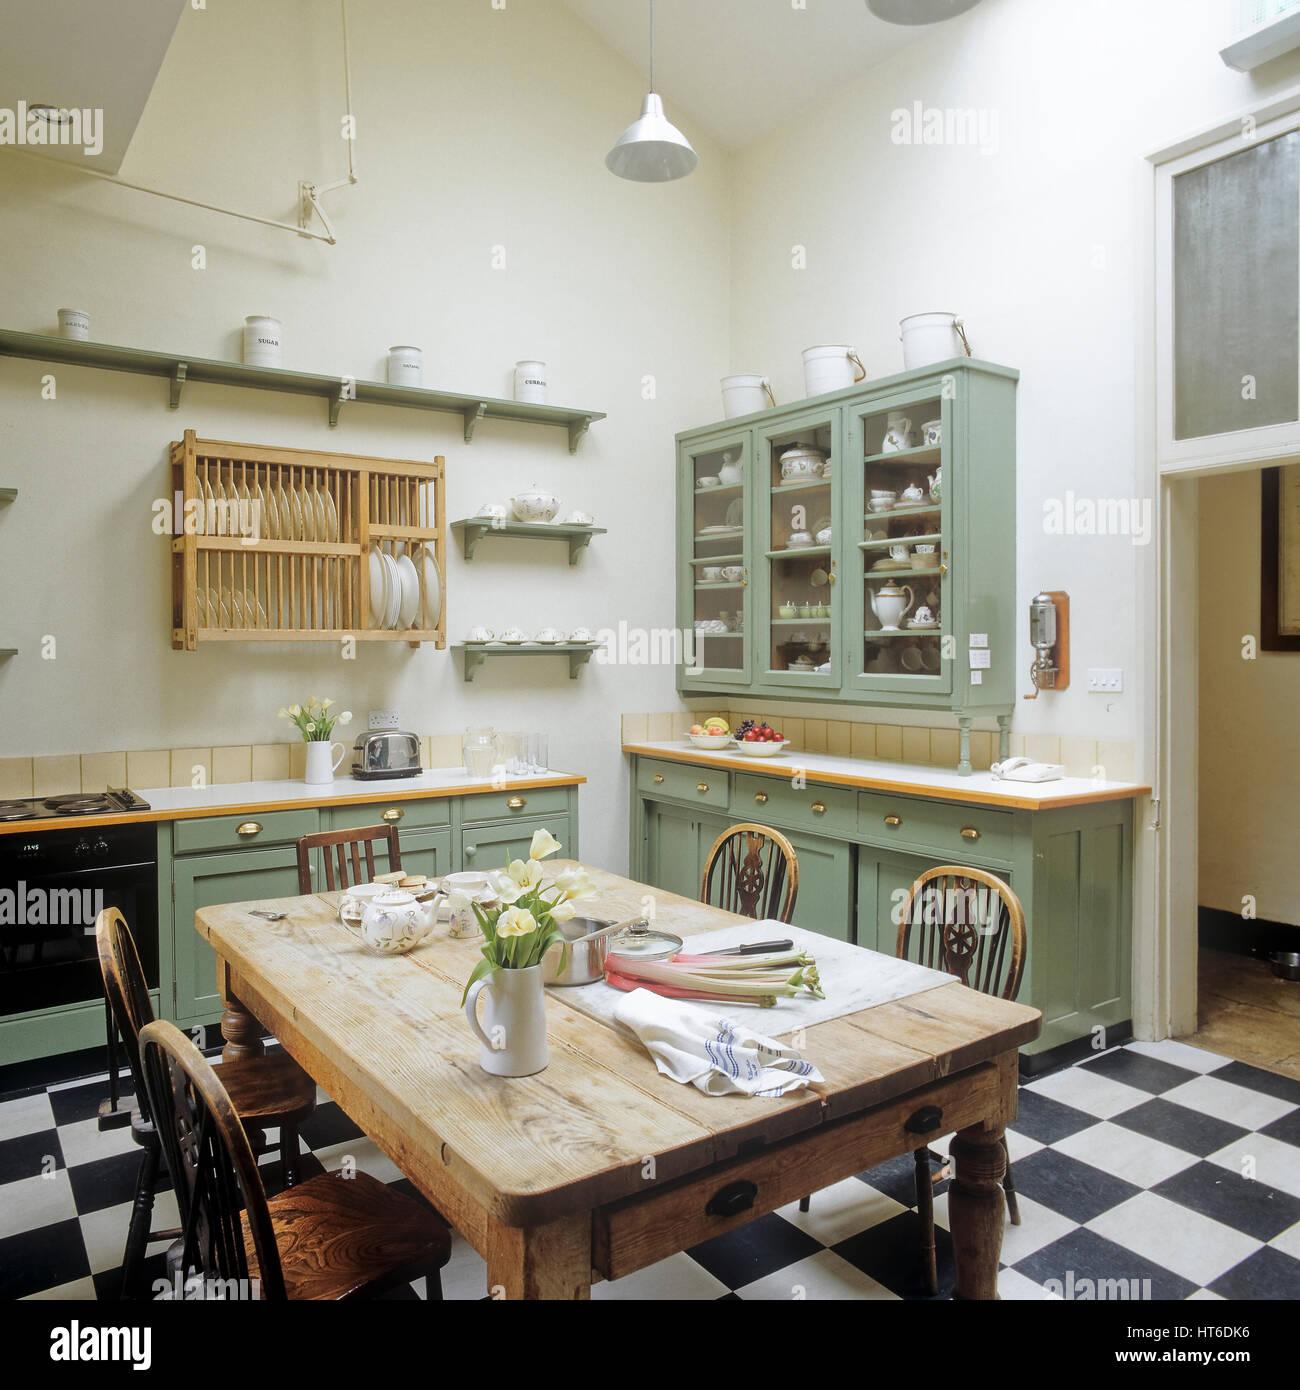 Mesa de comedor en la cocina Foto & Imagen De Stock: 135366762 - Alamy